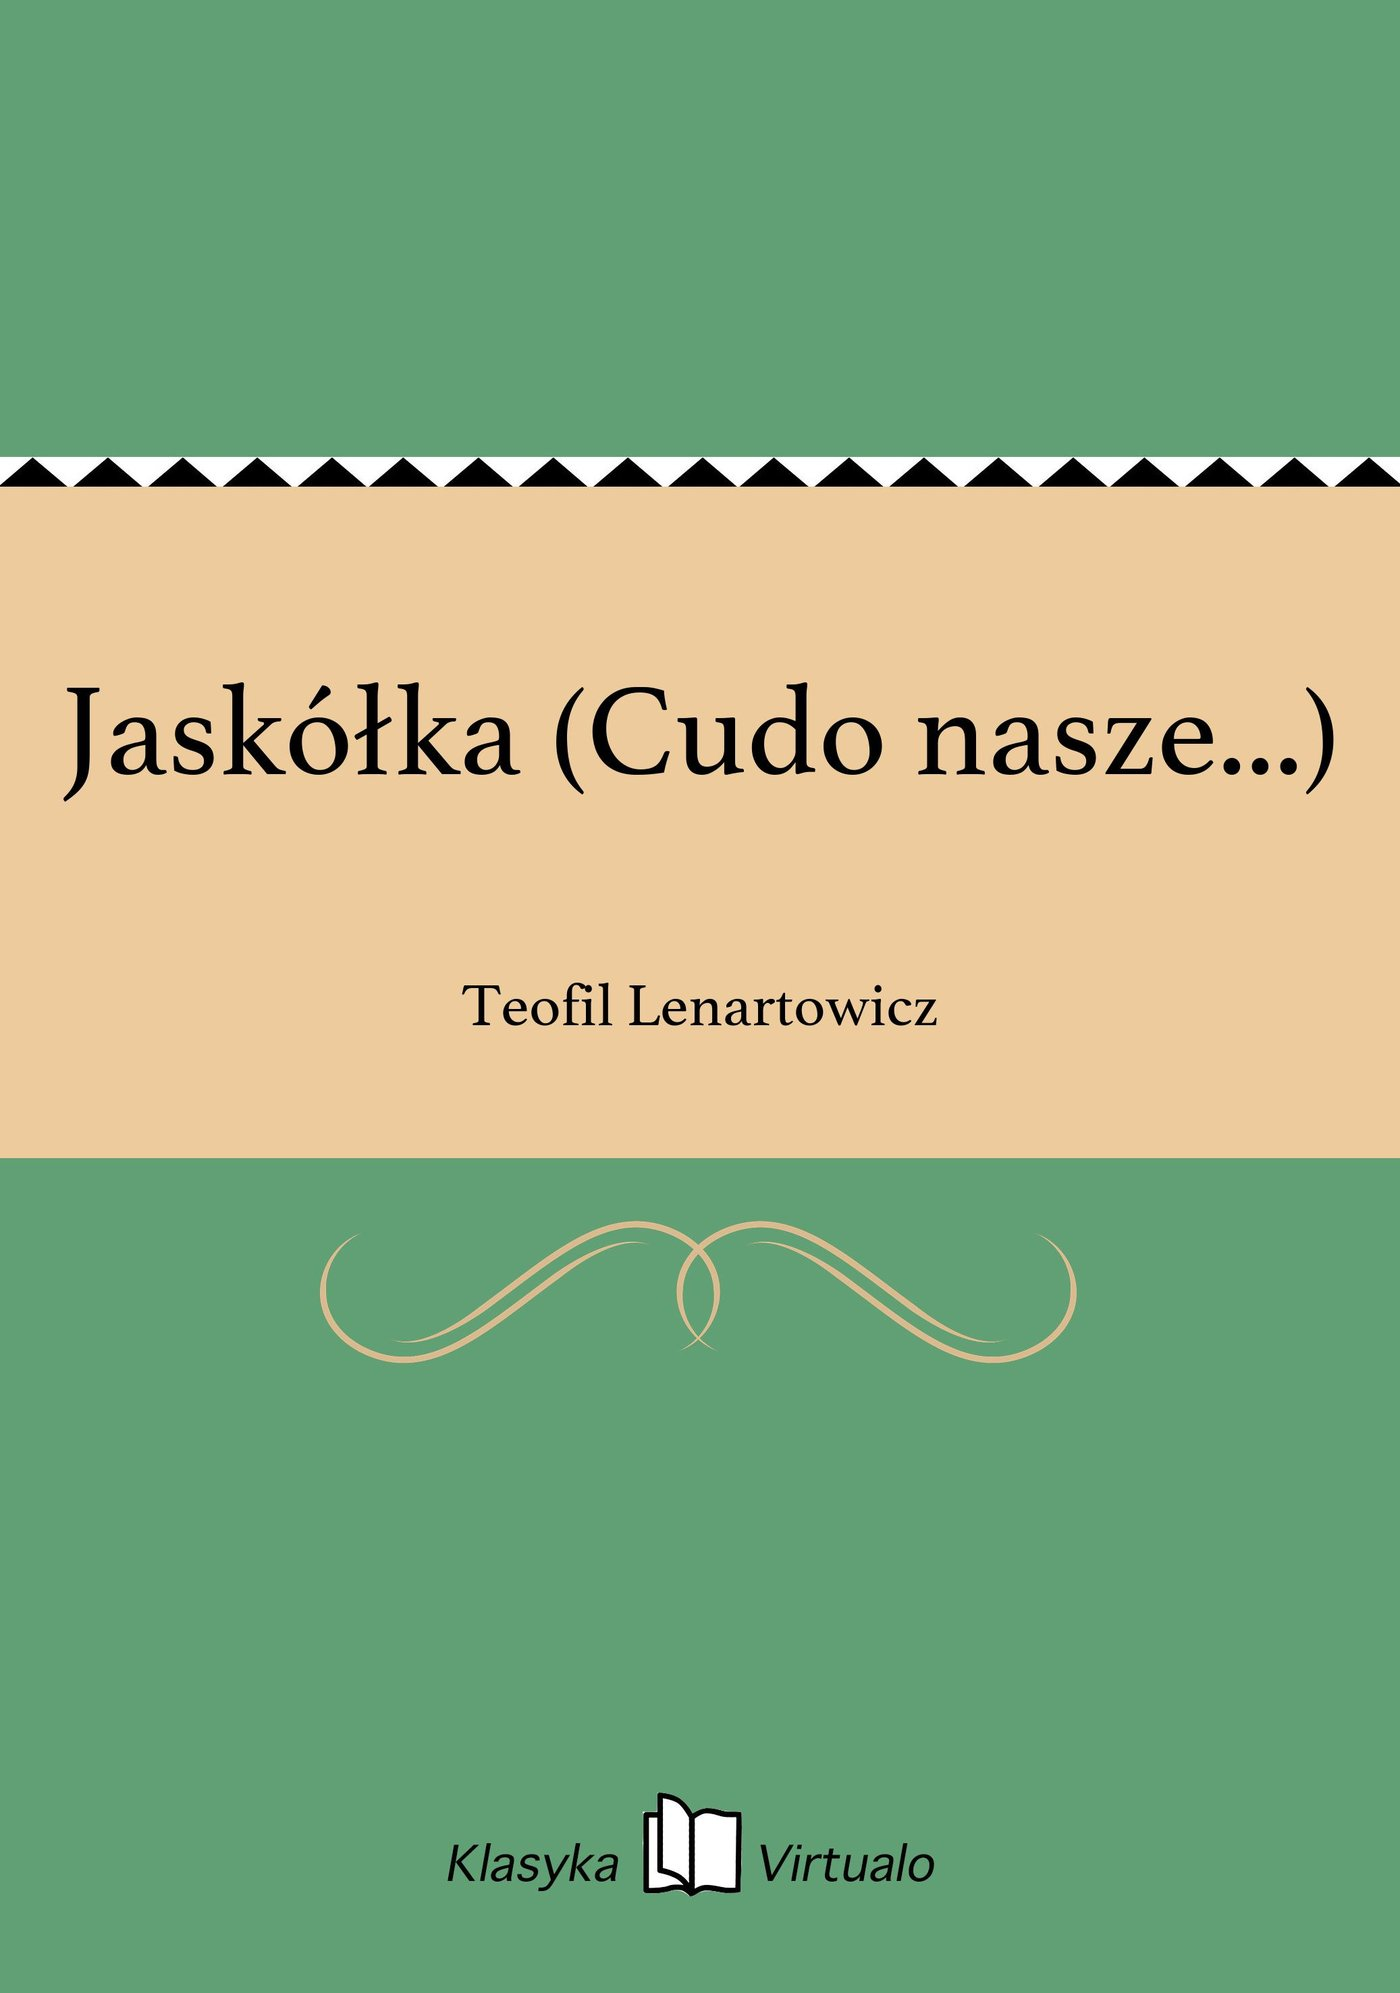 Jaskółka (Cudo nasze...) - Ebook (Książka EPUB) do pobrania w formacie EPUB